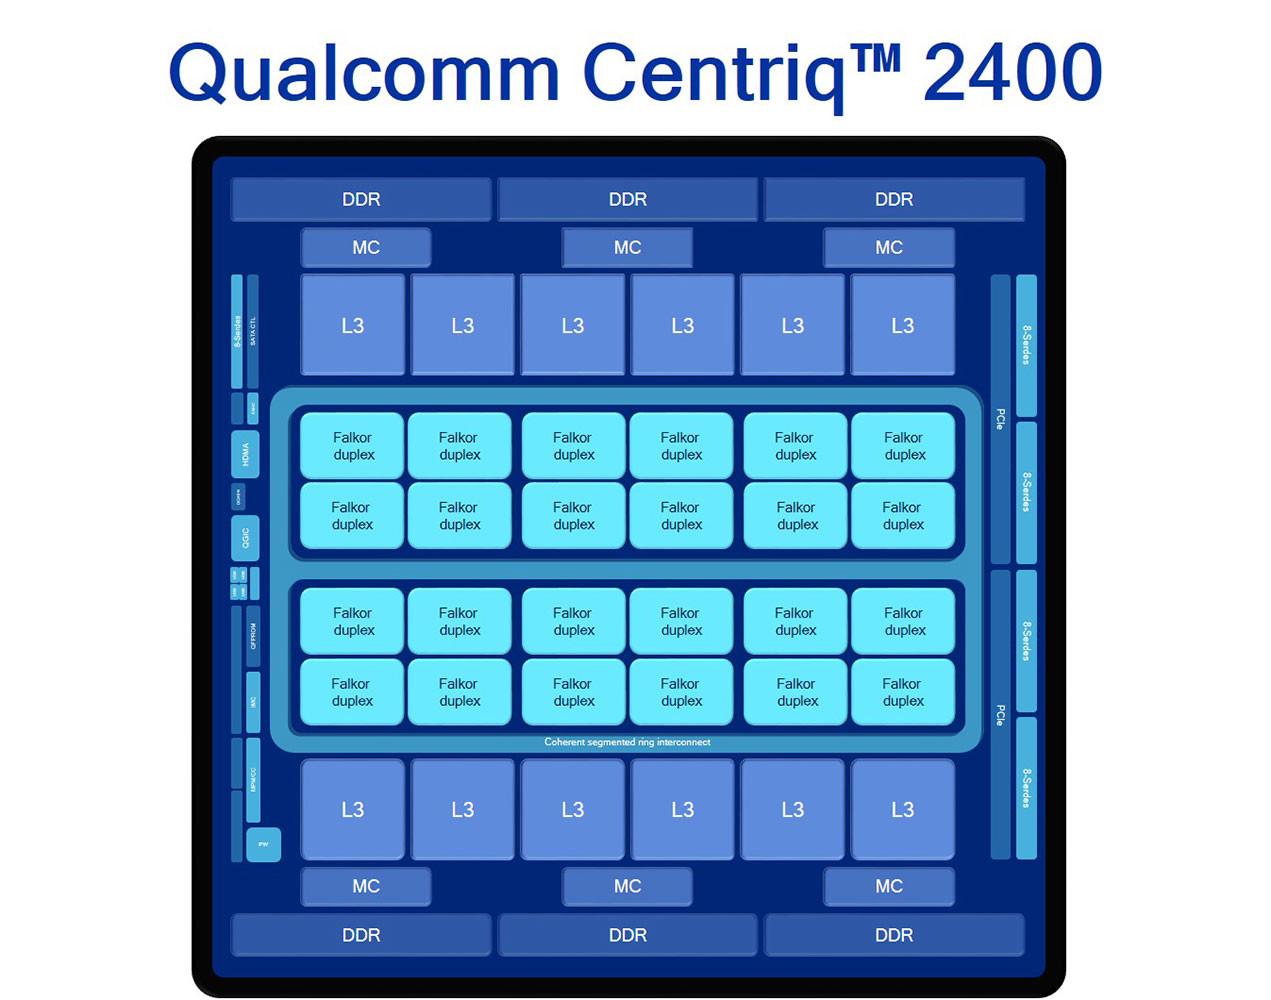 Qualcomm Centriq 2400 schemat blokowy